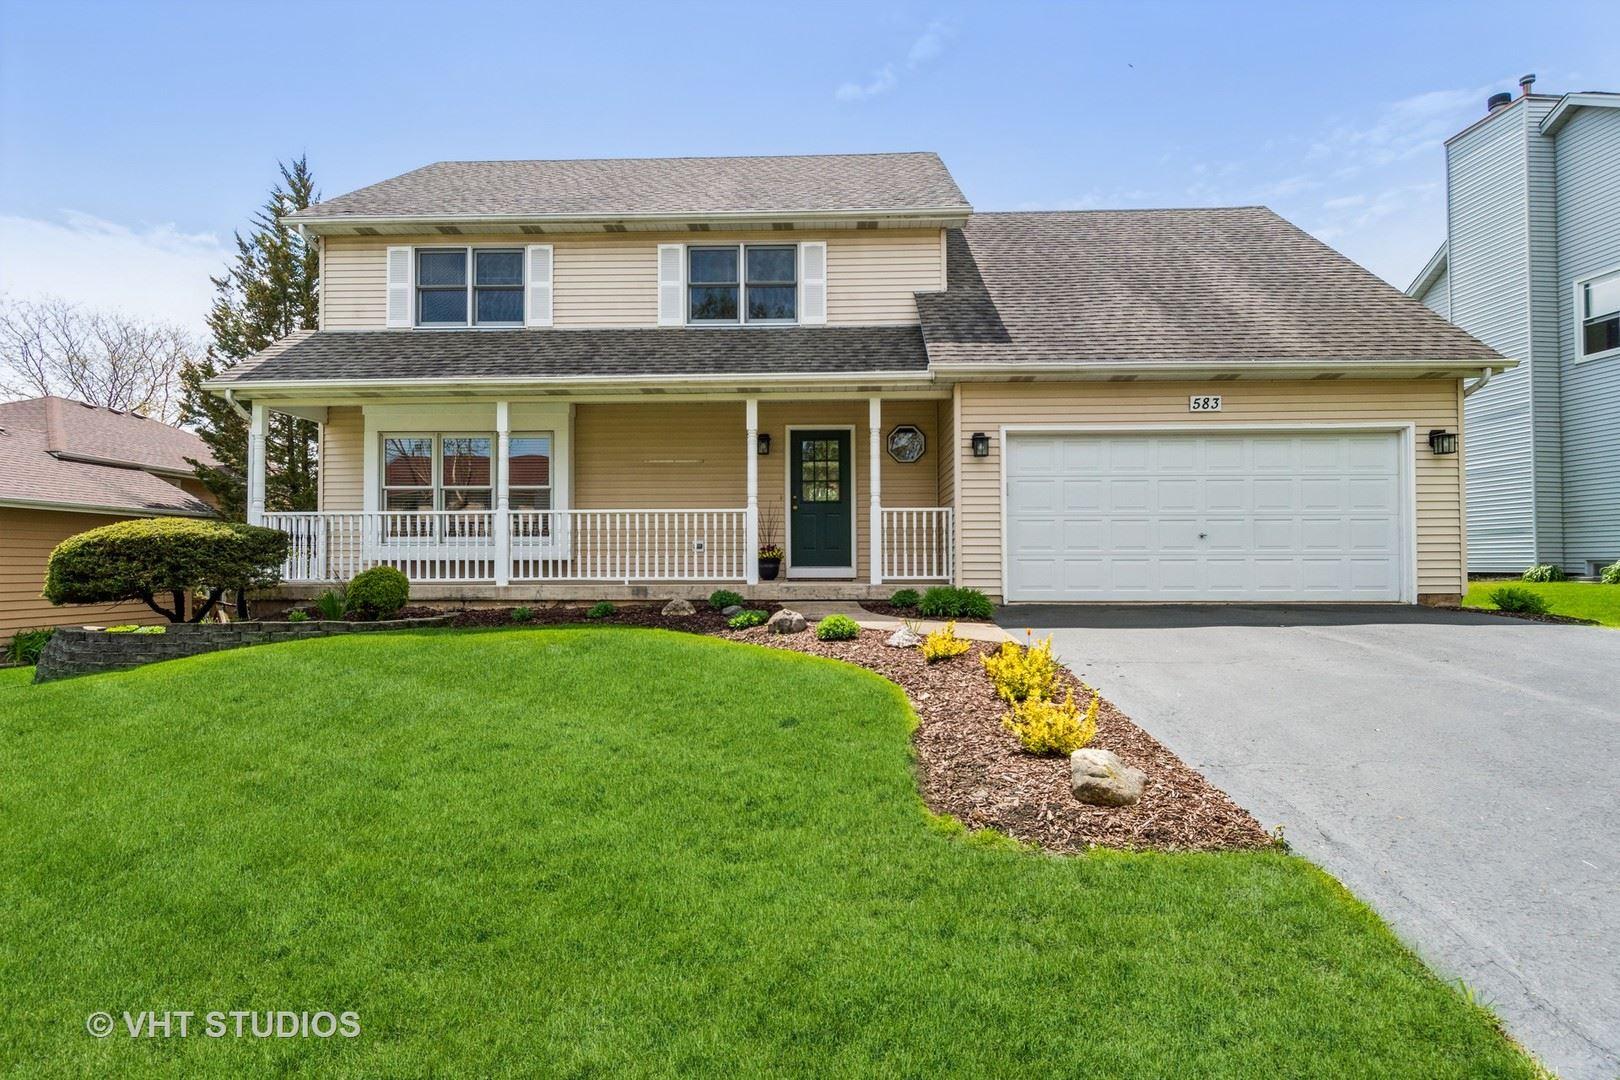 Photo of 583 Cleavland Drive, Bolingbrook, IL 60440 (MLS # 11071994)